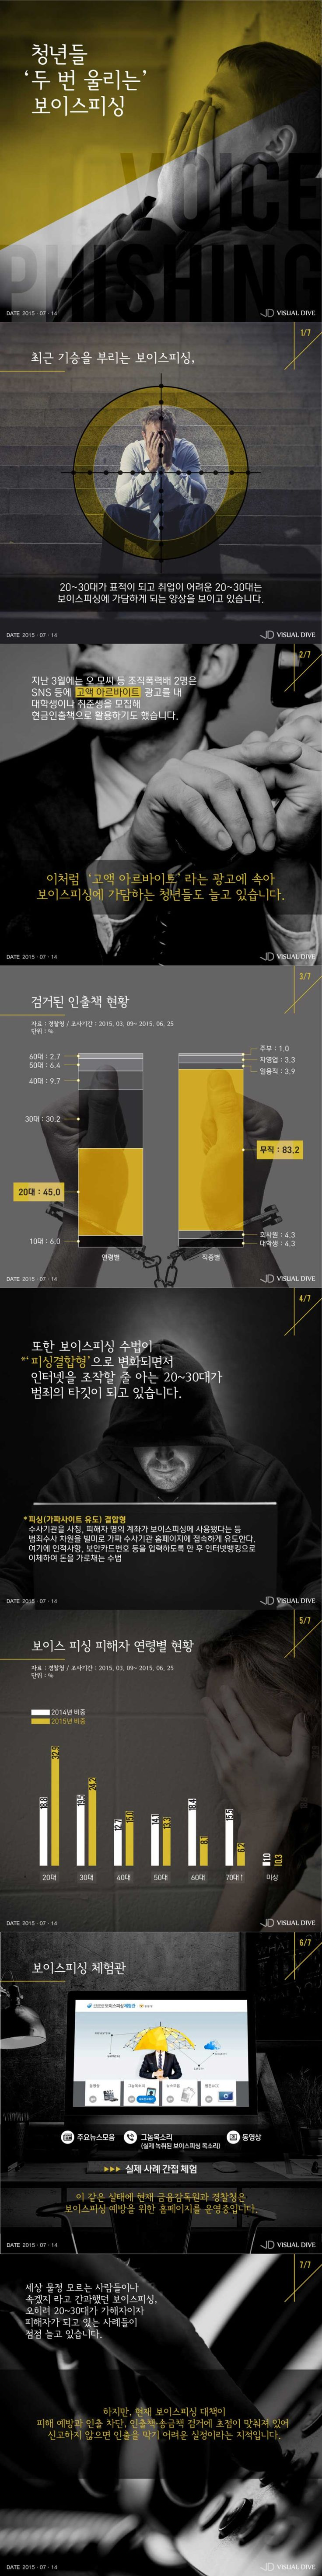 청년들 두 번 울리는 '보이스피싱' [인포그래픽] #Voice_phishing / #Infographic ⓒ 비주얼다이브 무단 복사·전재·재배포 금지